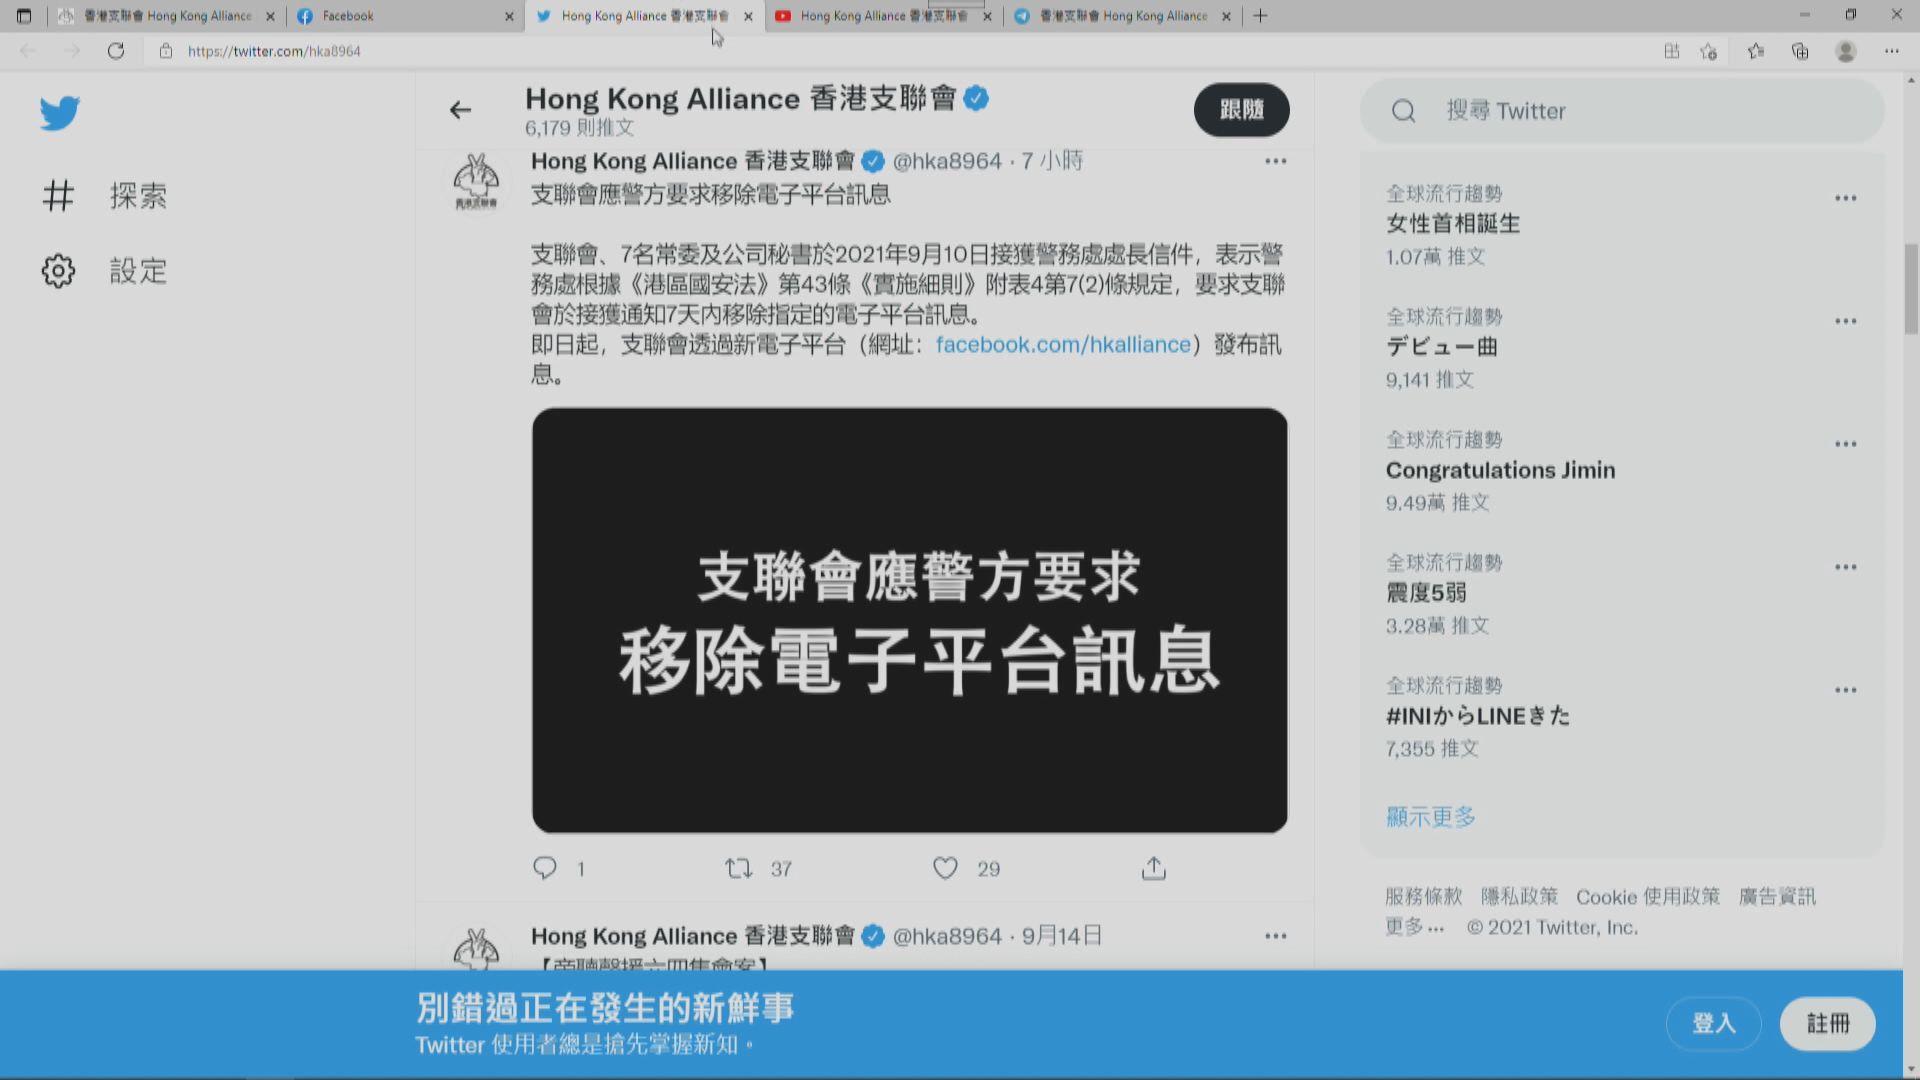 支聯會應警方要求移除電子平台訊息 成立新專頁